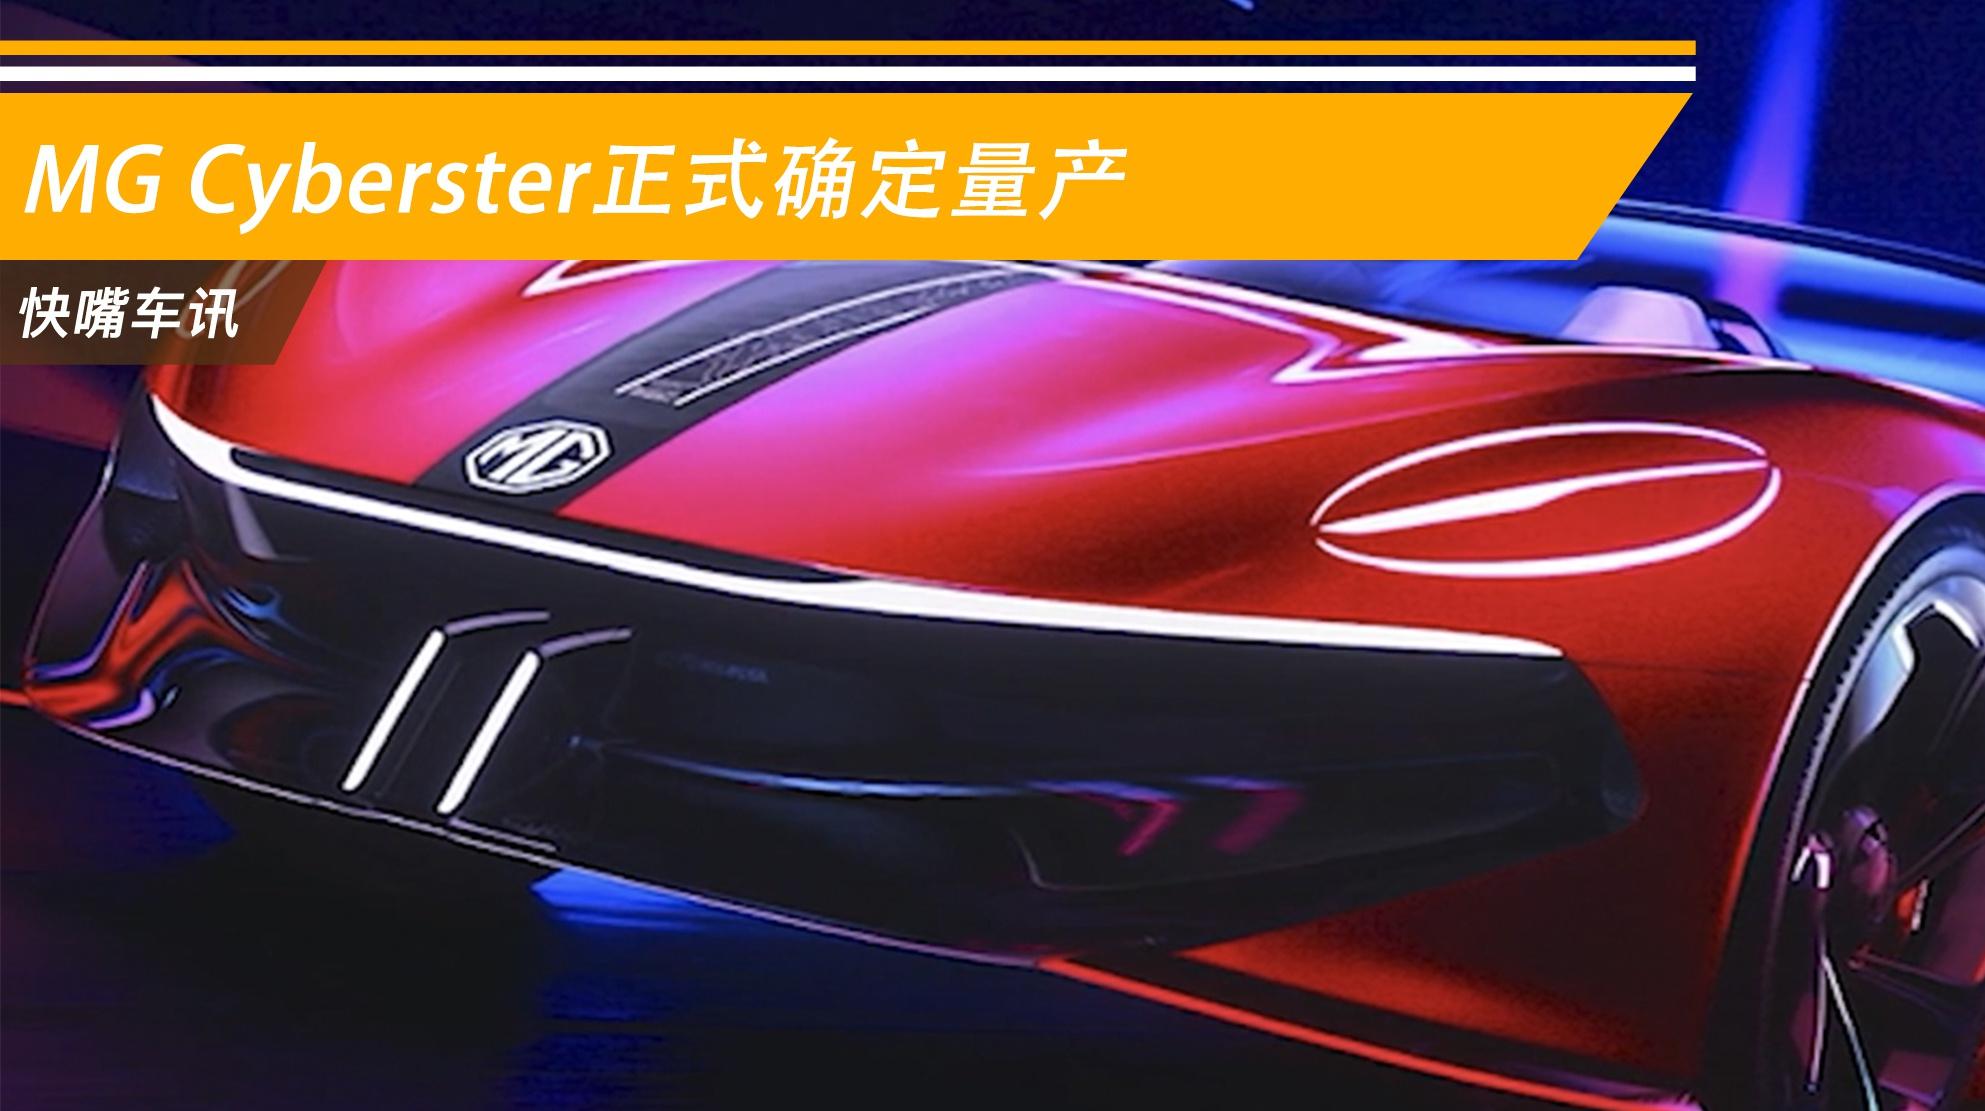 预算不够怎么买跑车?就靠名爵了!MG Cyberster正式确定量产